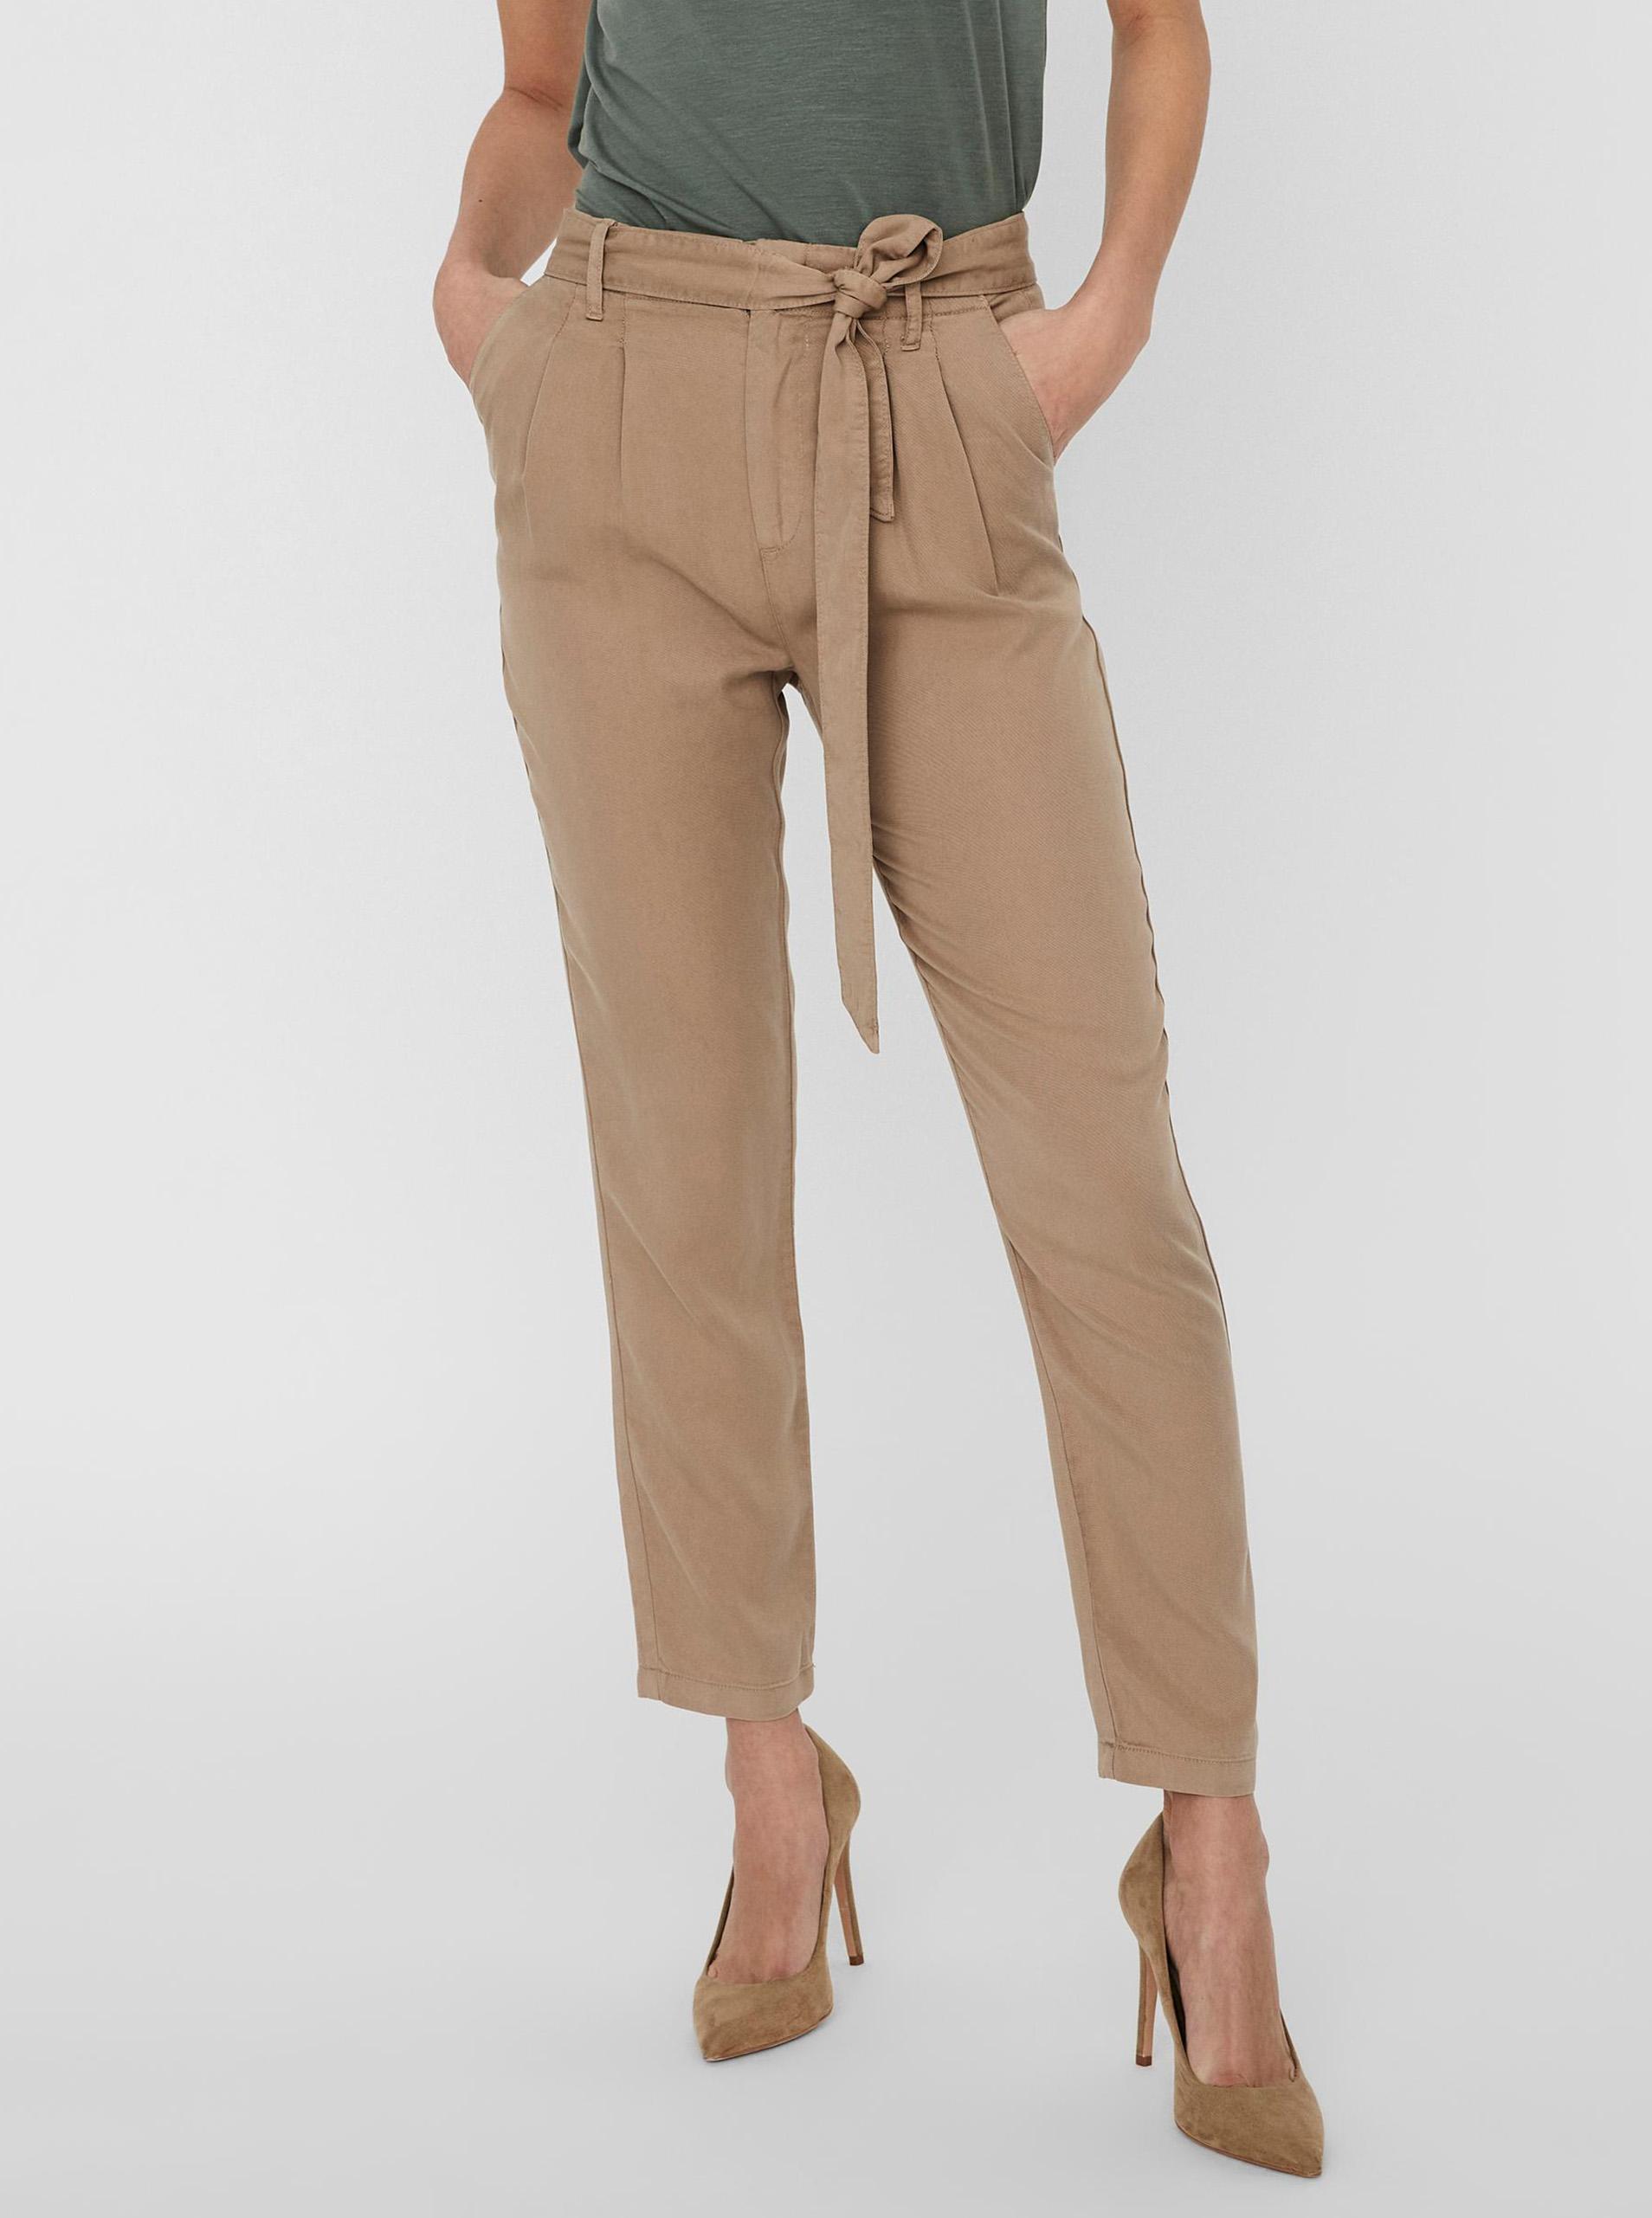 Vero Moda hnedé skrátené nohavice Mia - XS